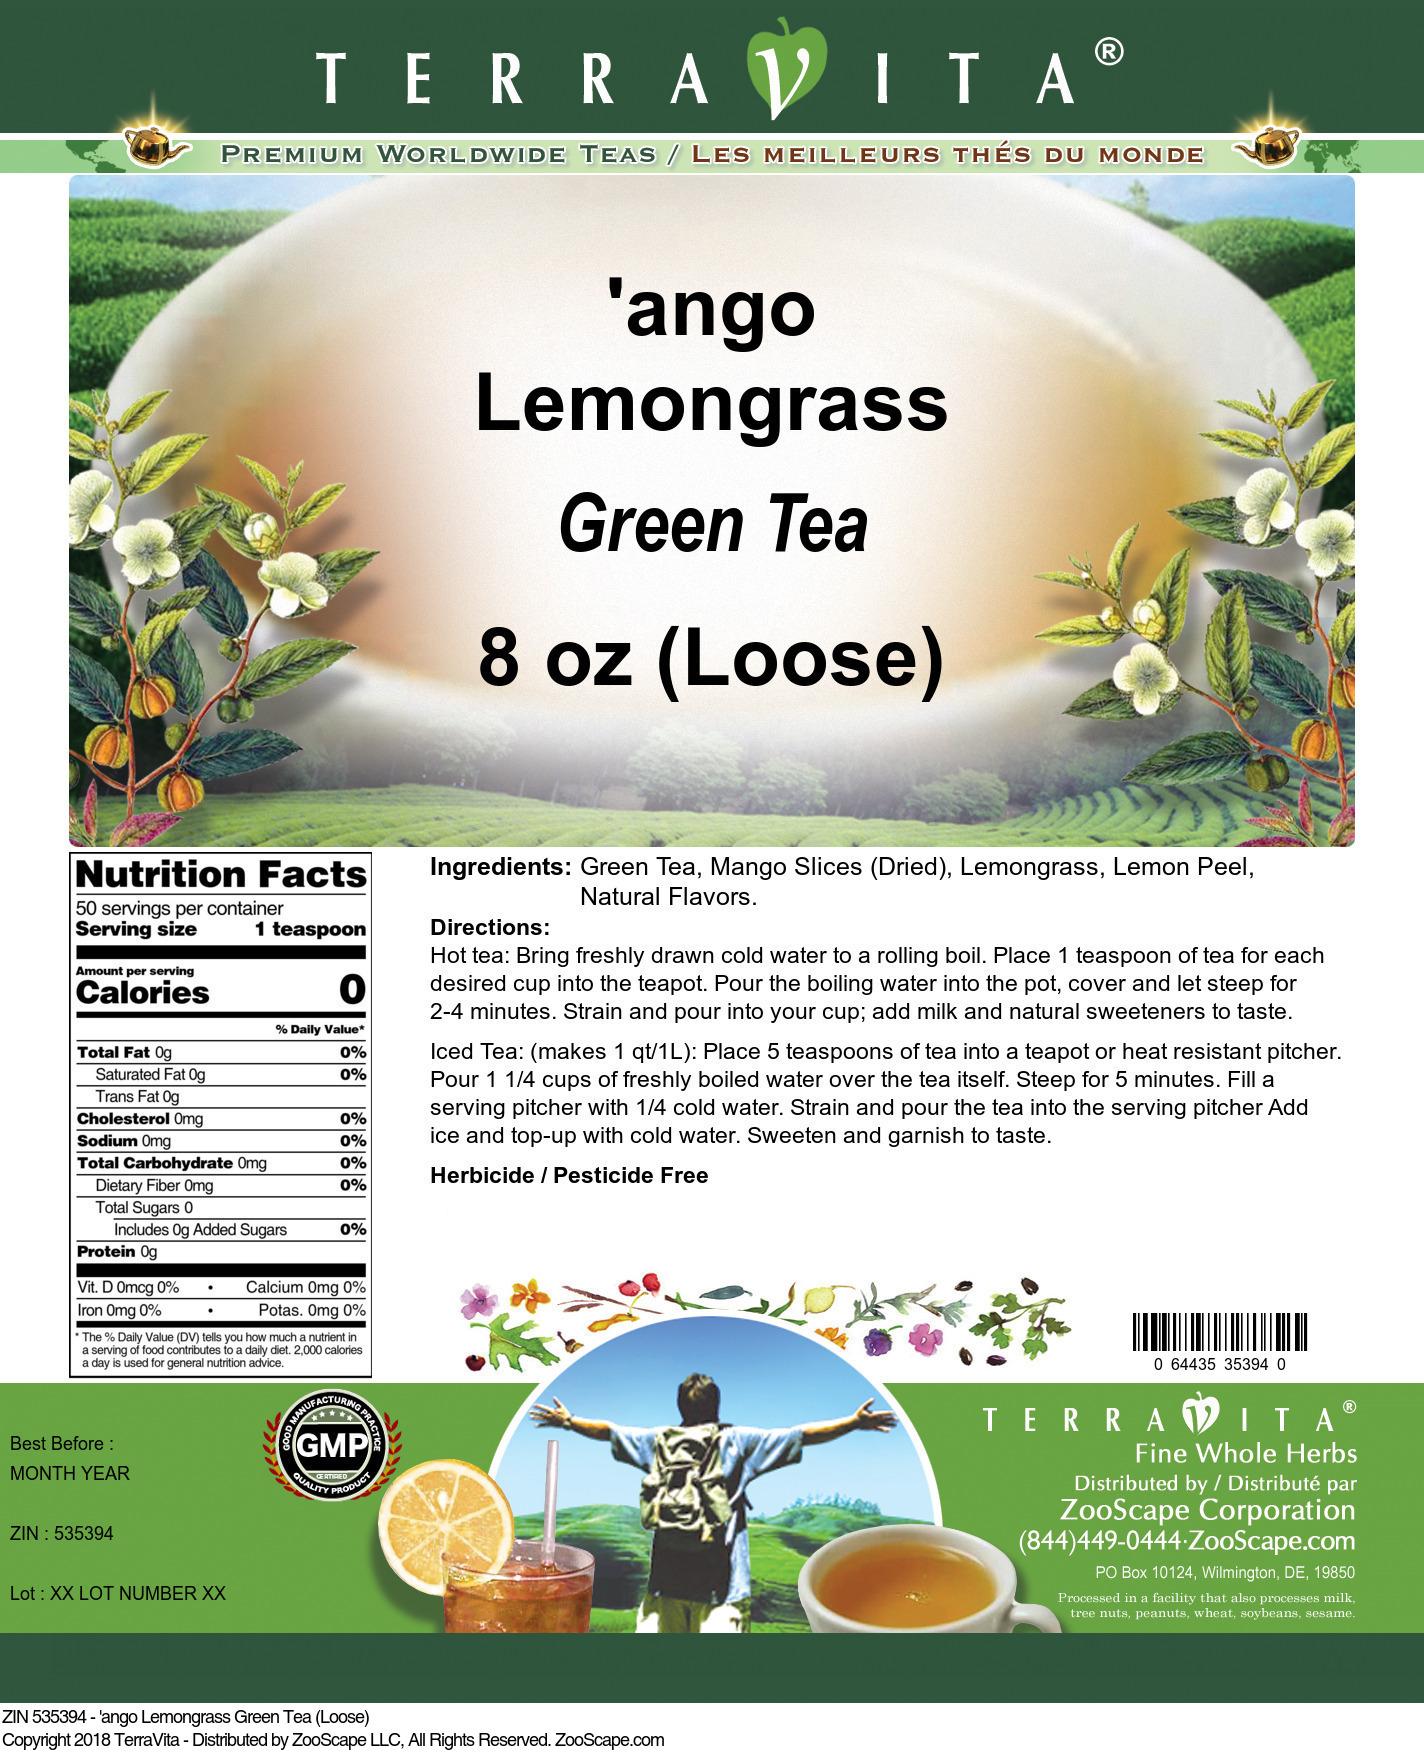 Mango Lemongrass Green Tea